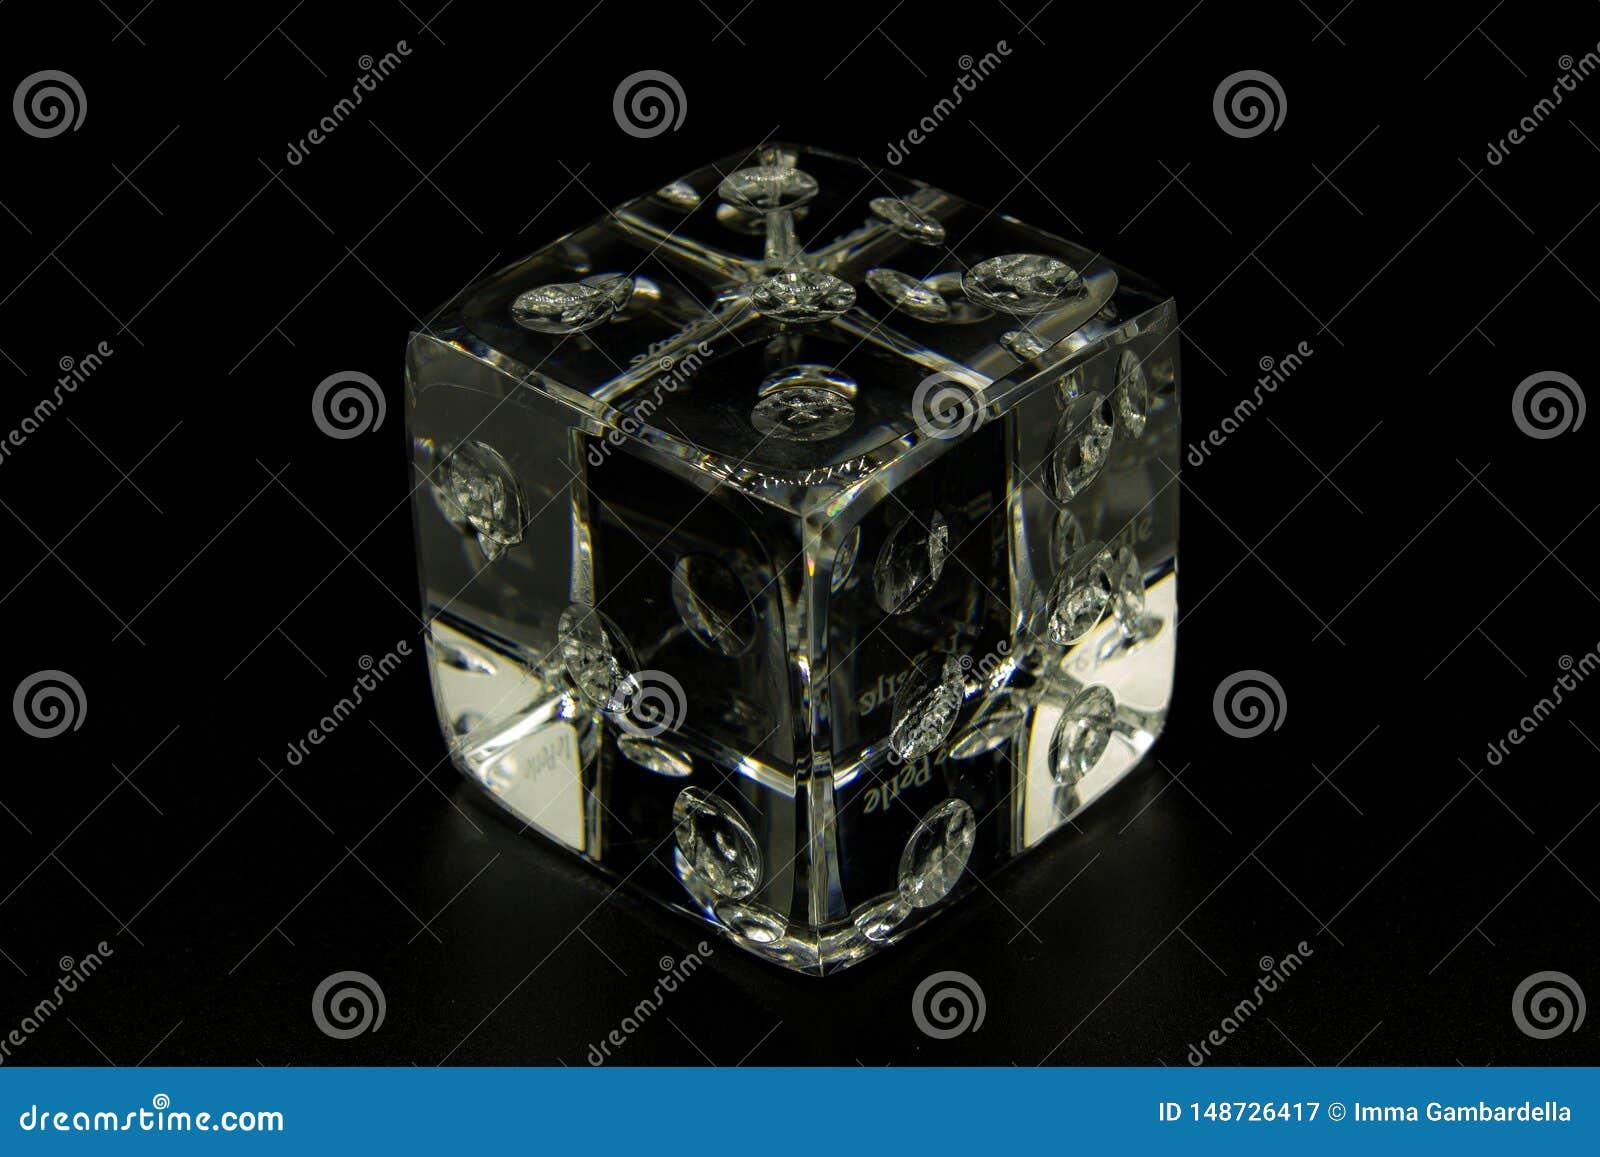 Een gokken dobbelt gemaakt van glas op een zwarte achtergrond, om transparantie te benadrukken